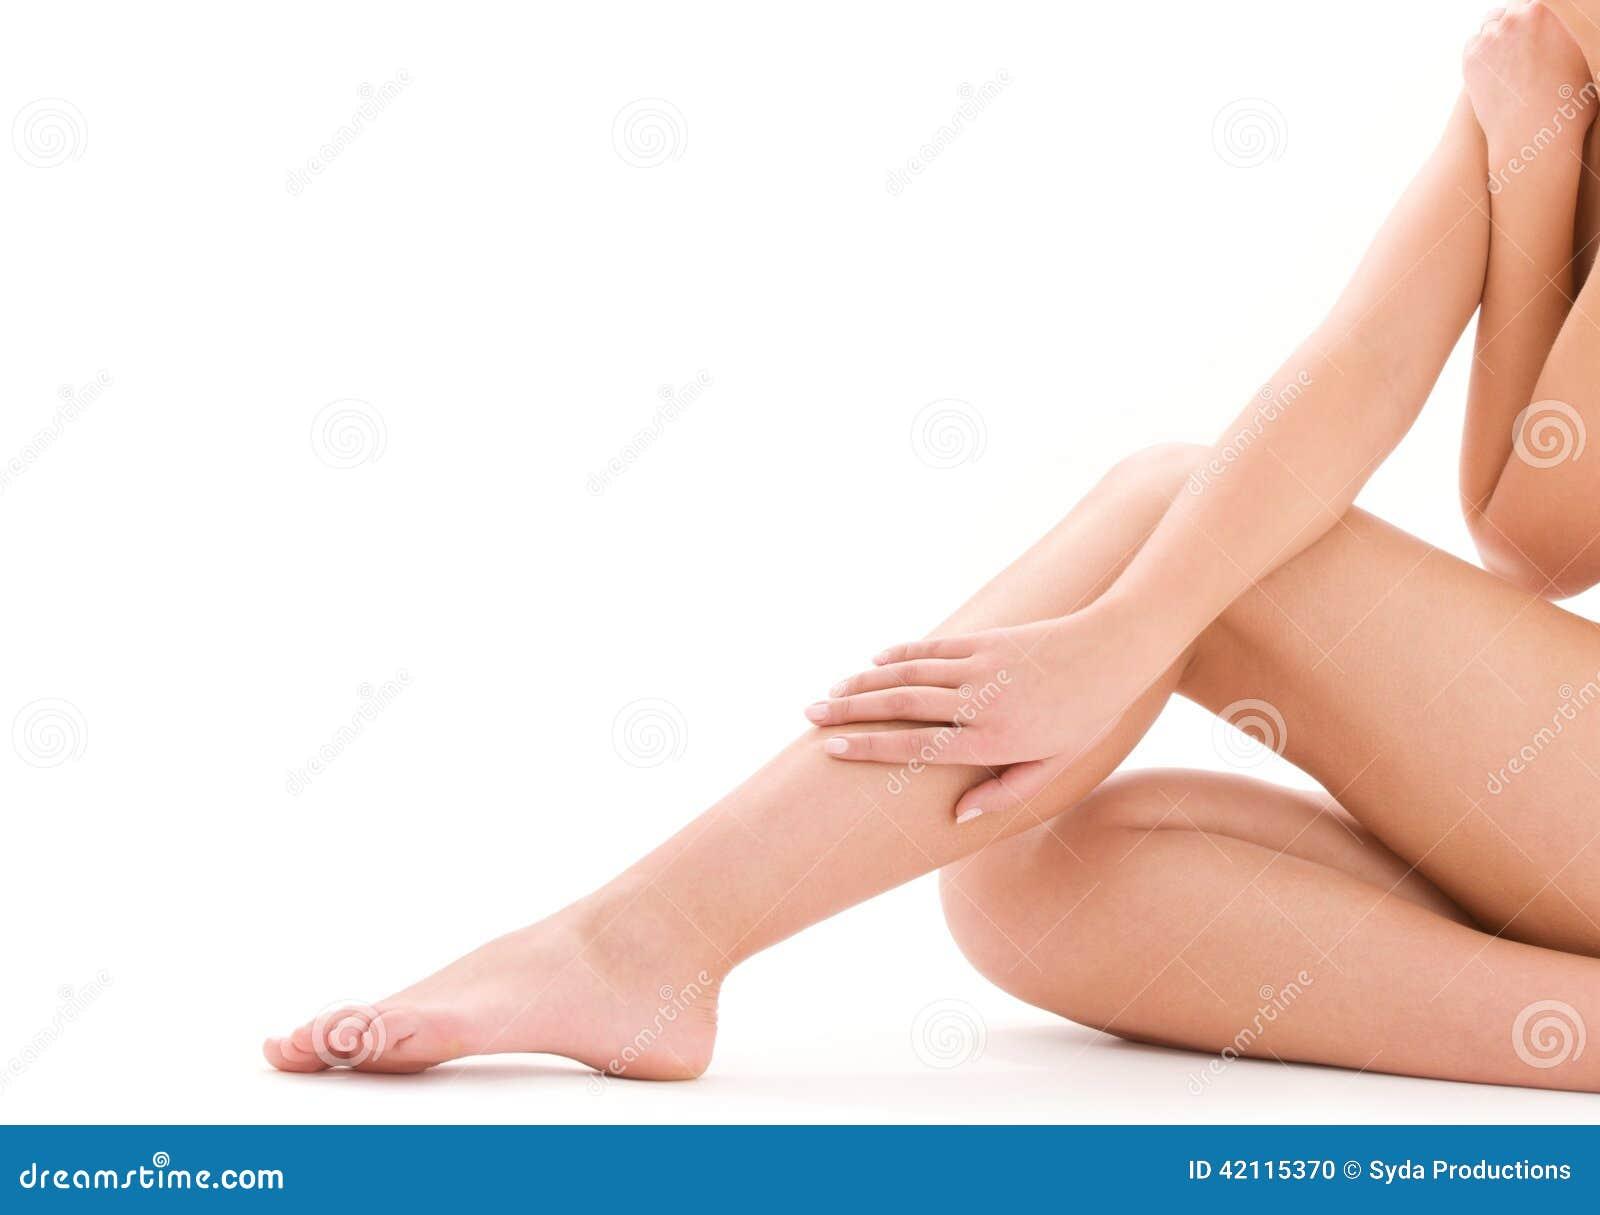 Фотографии ног женщин 13 фотография